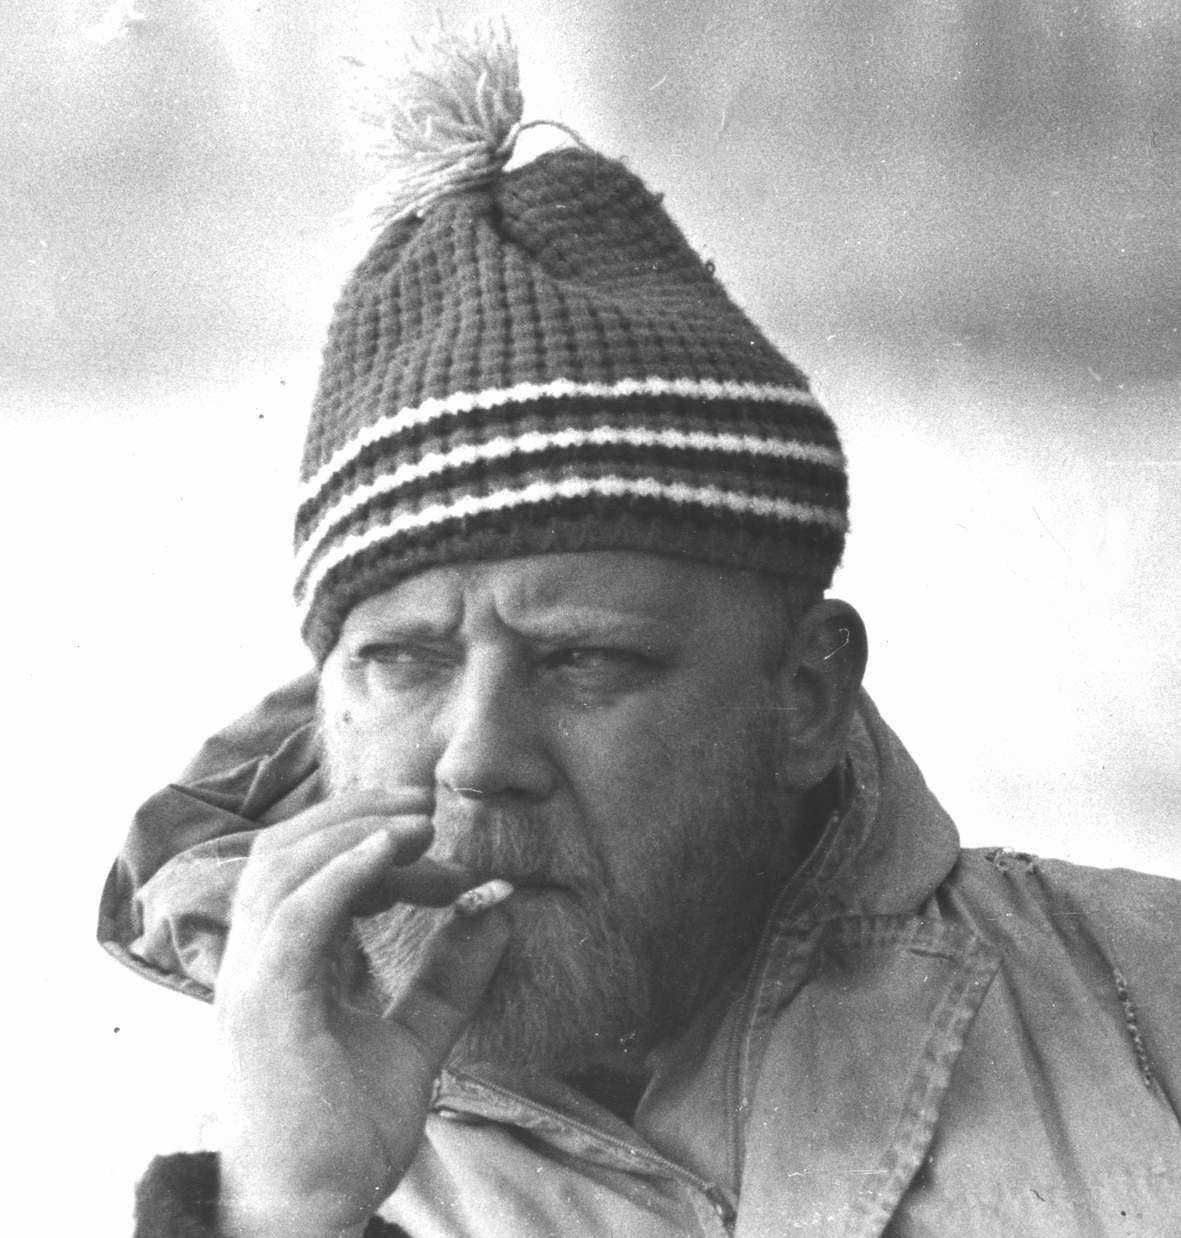 Фото Визбора Юрия в лыжной шапке